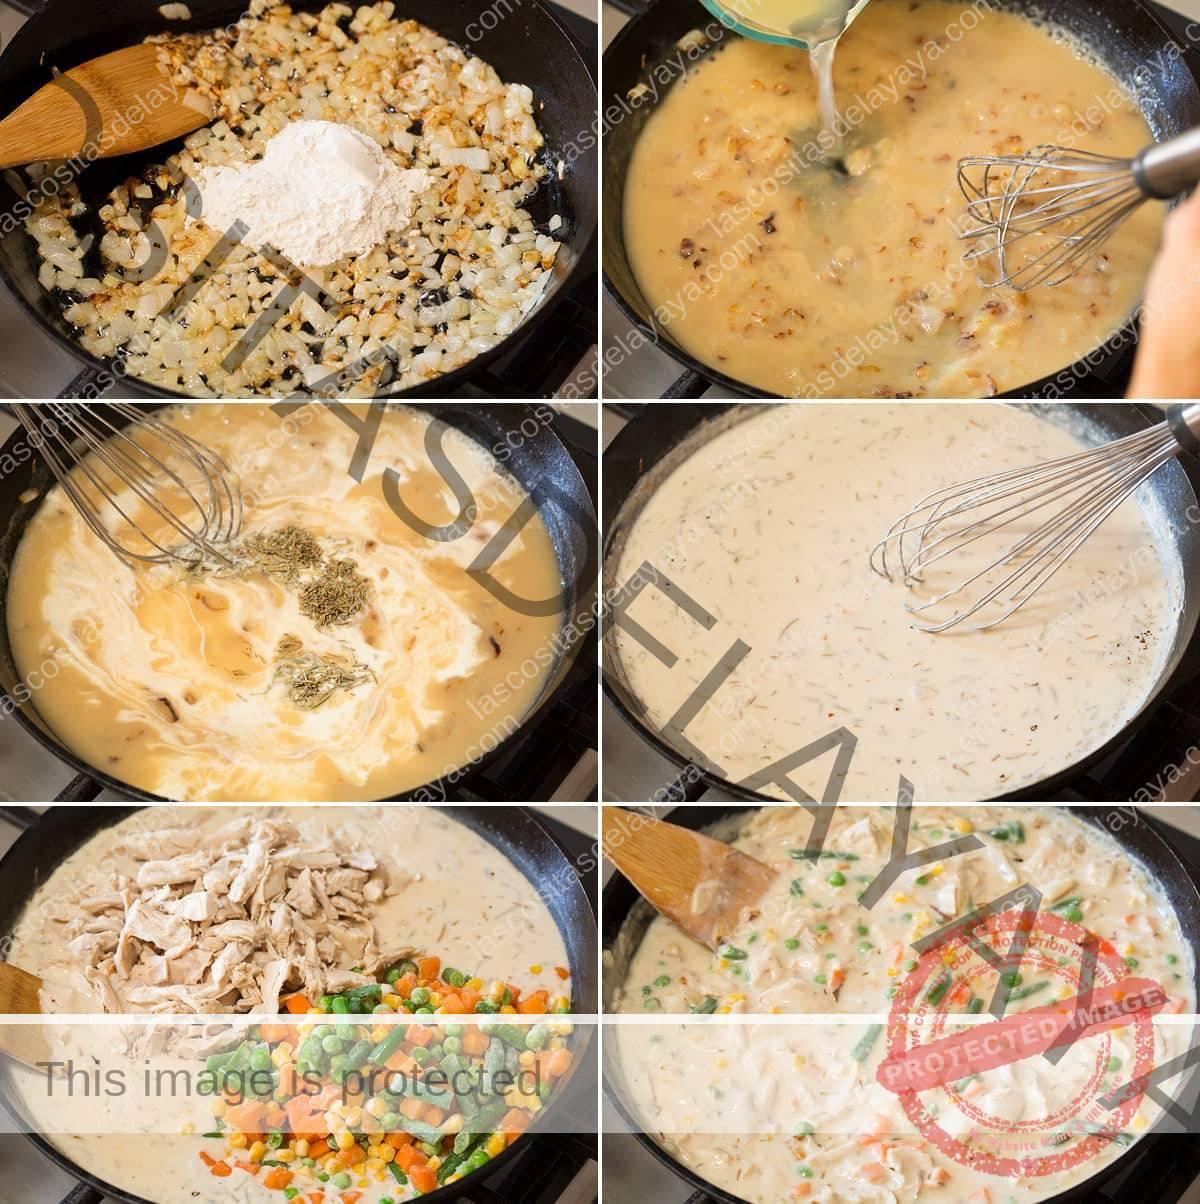 Collage de seis imágenes que muestran los pasos para hacer el relleno de pastel de pollo en una sartén de hierro fundido.